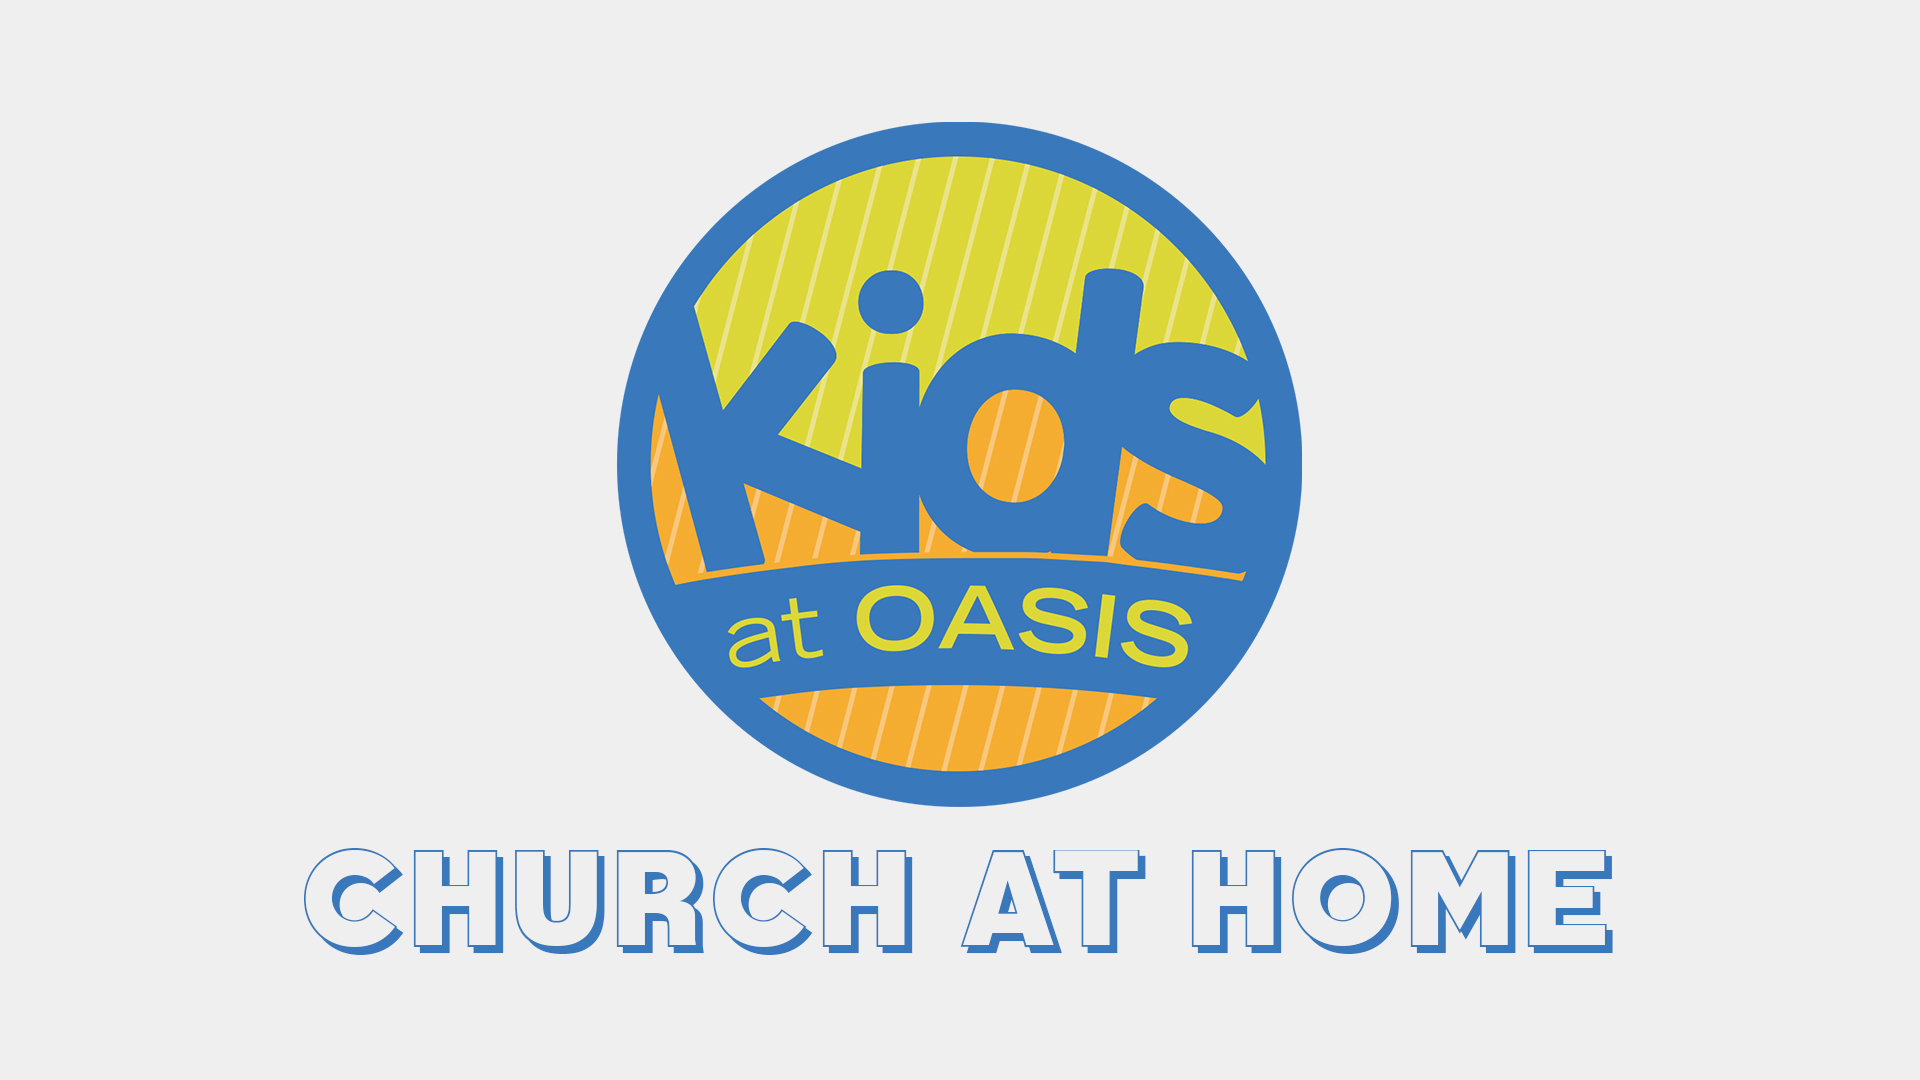 Kids Church at Home